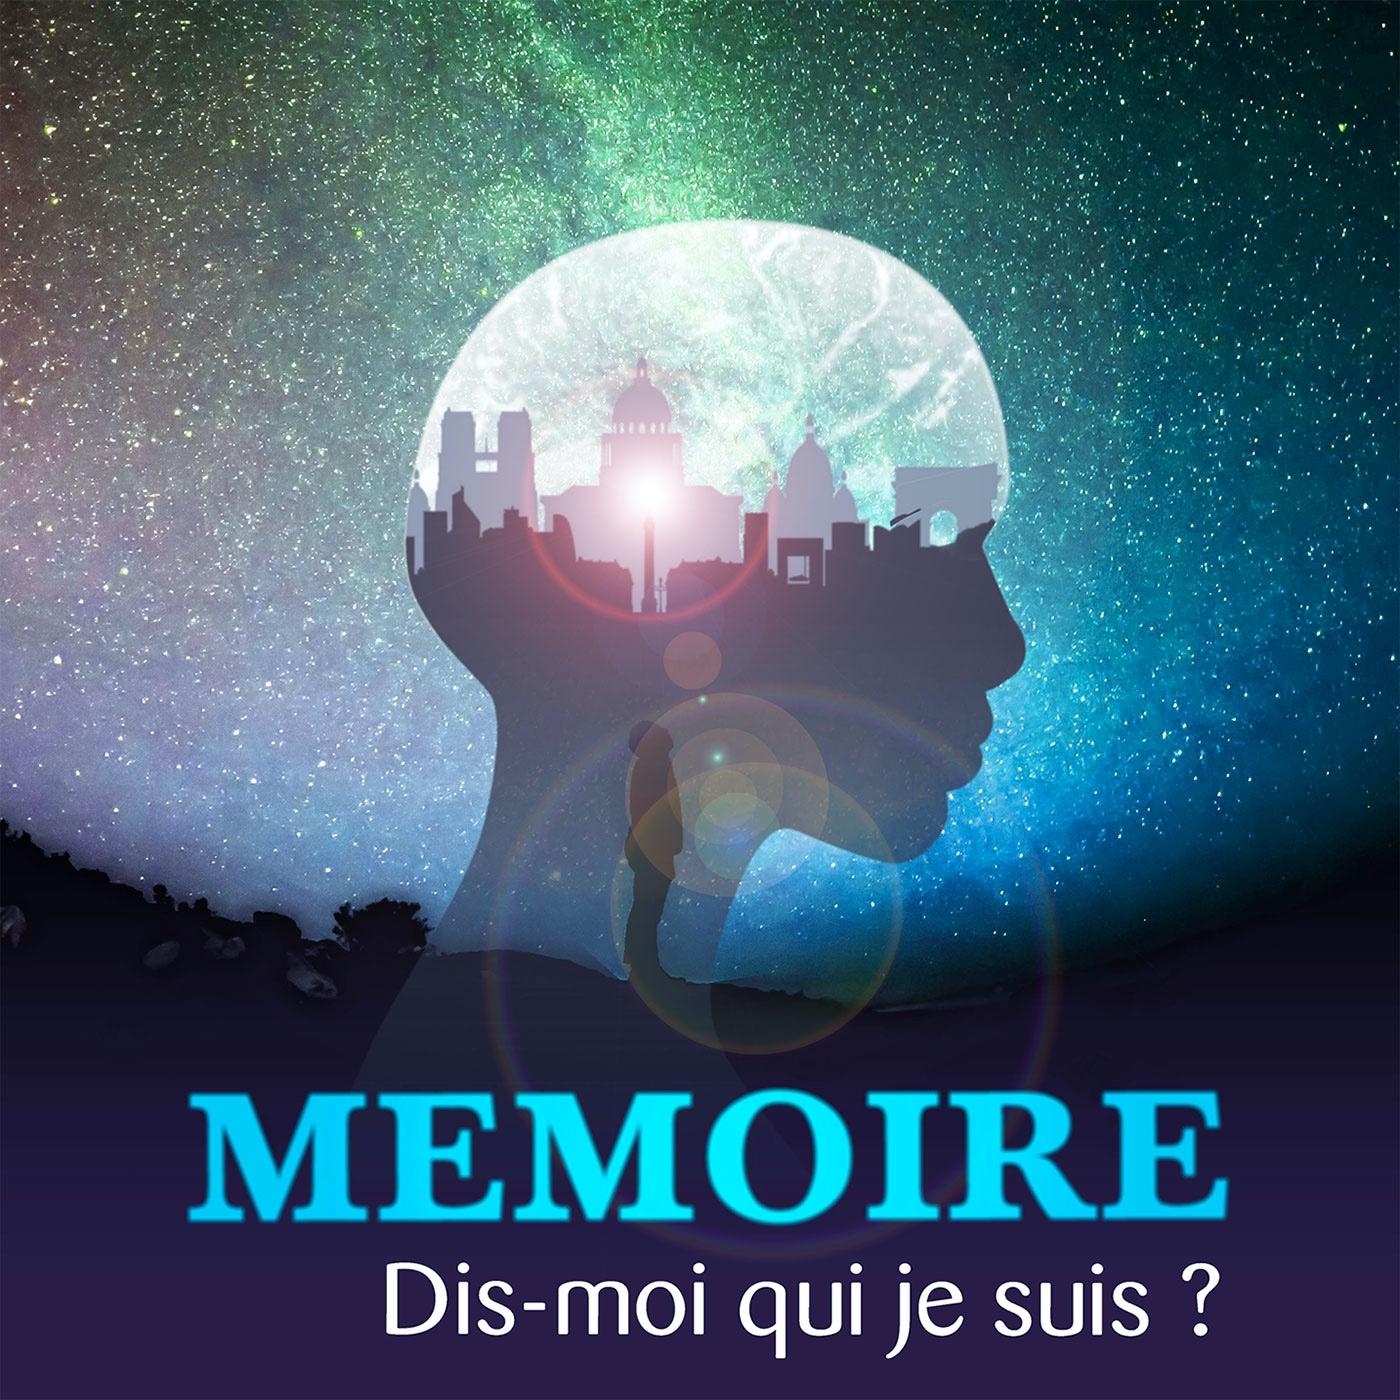 Mémoire, dis-moi qui je suis ?